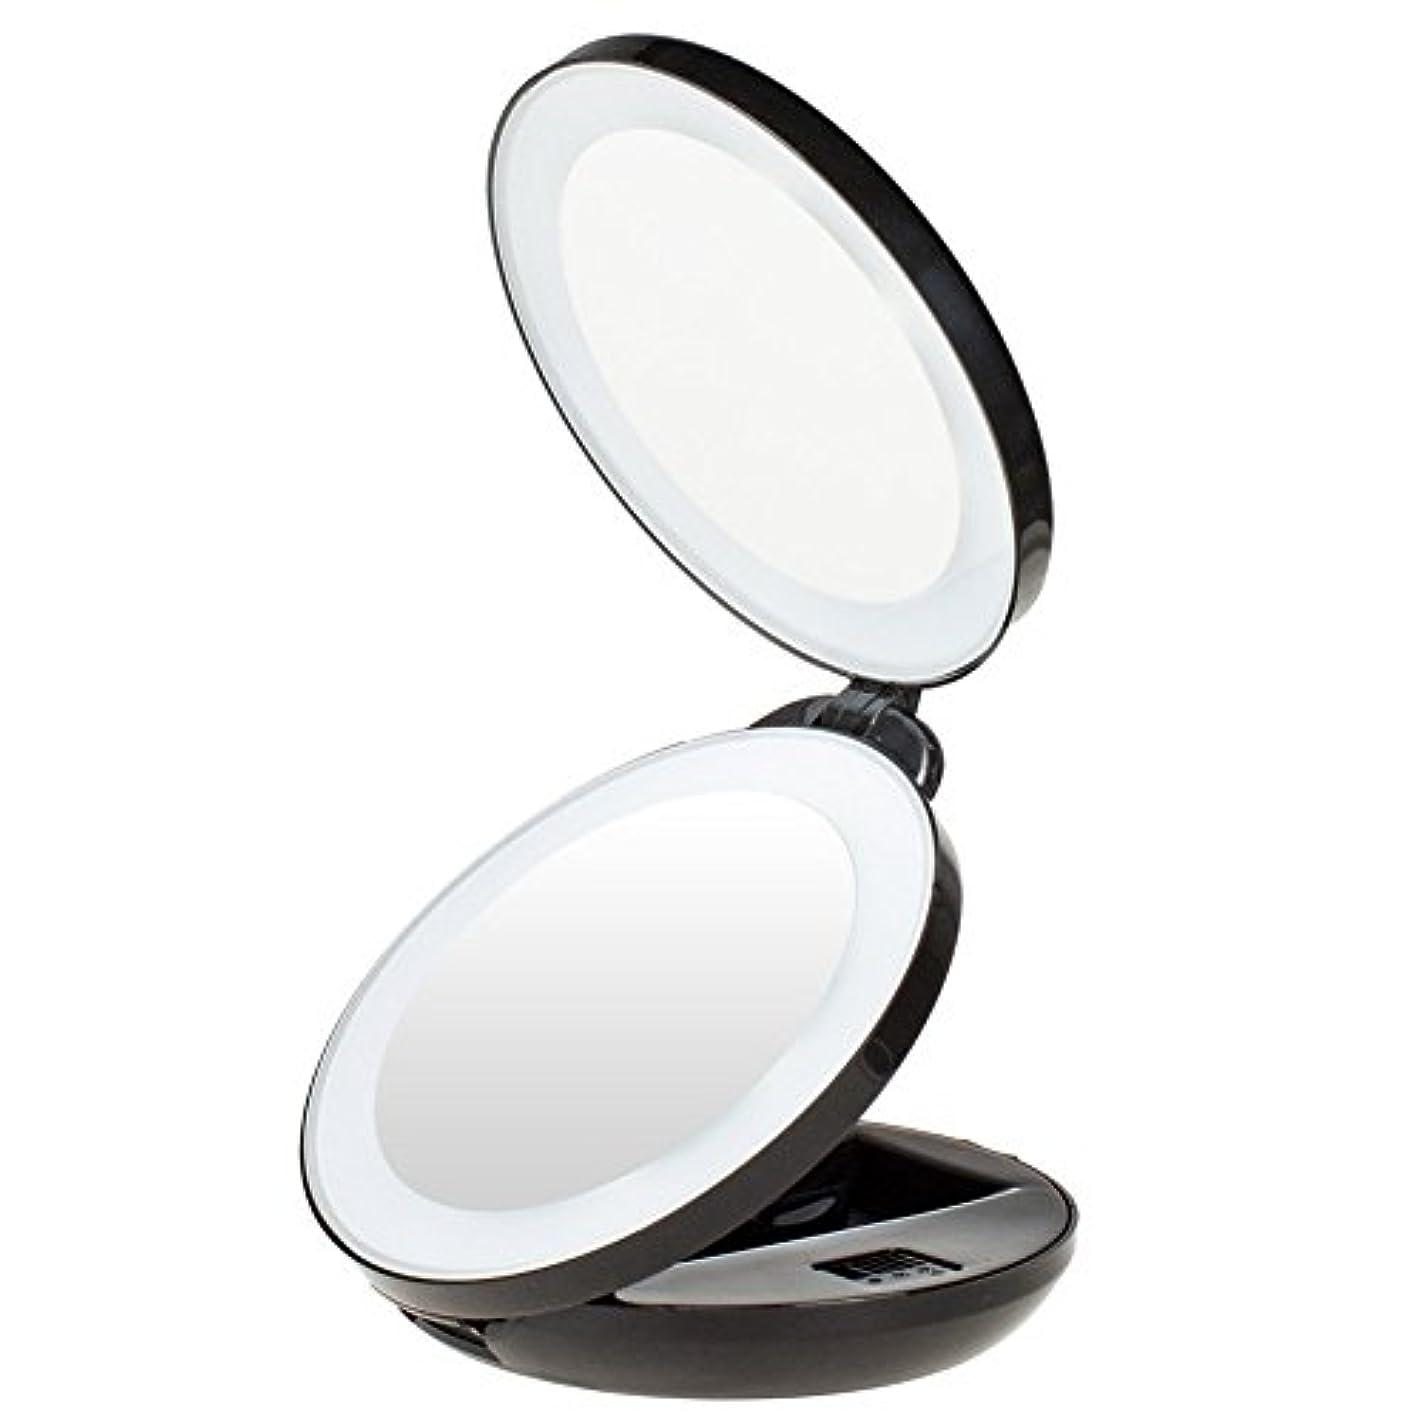 繰り返すカフェせがむKEDSUM 手鏡 両面化粧鏡 コンパクトミラー LED化粧鏡 等倍鏡+10倍拡大鏡 LEDミラー 角度調整 折り畳み 丸型 おしゃれ ハンド 携帯ミラー 旅行ミラー 女優ミラー